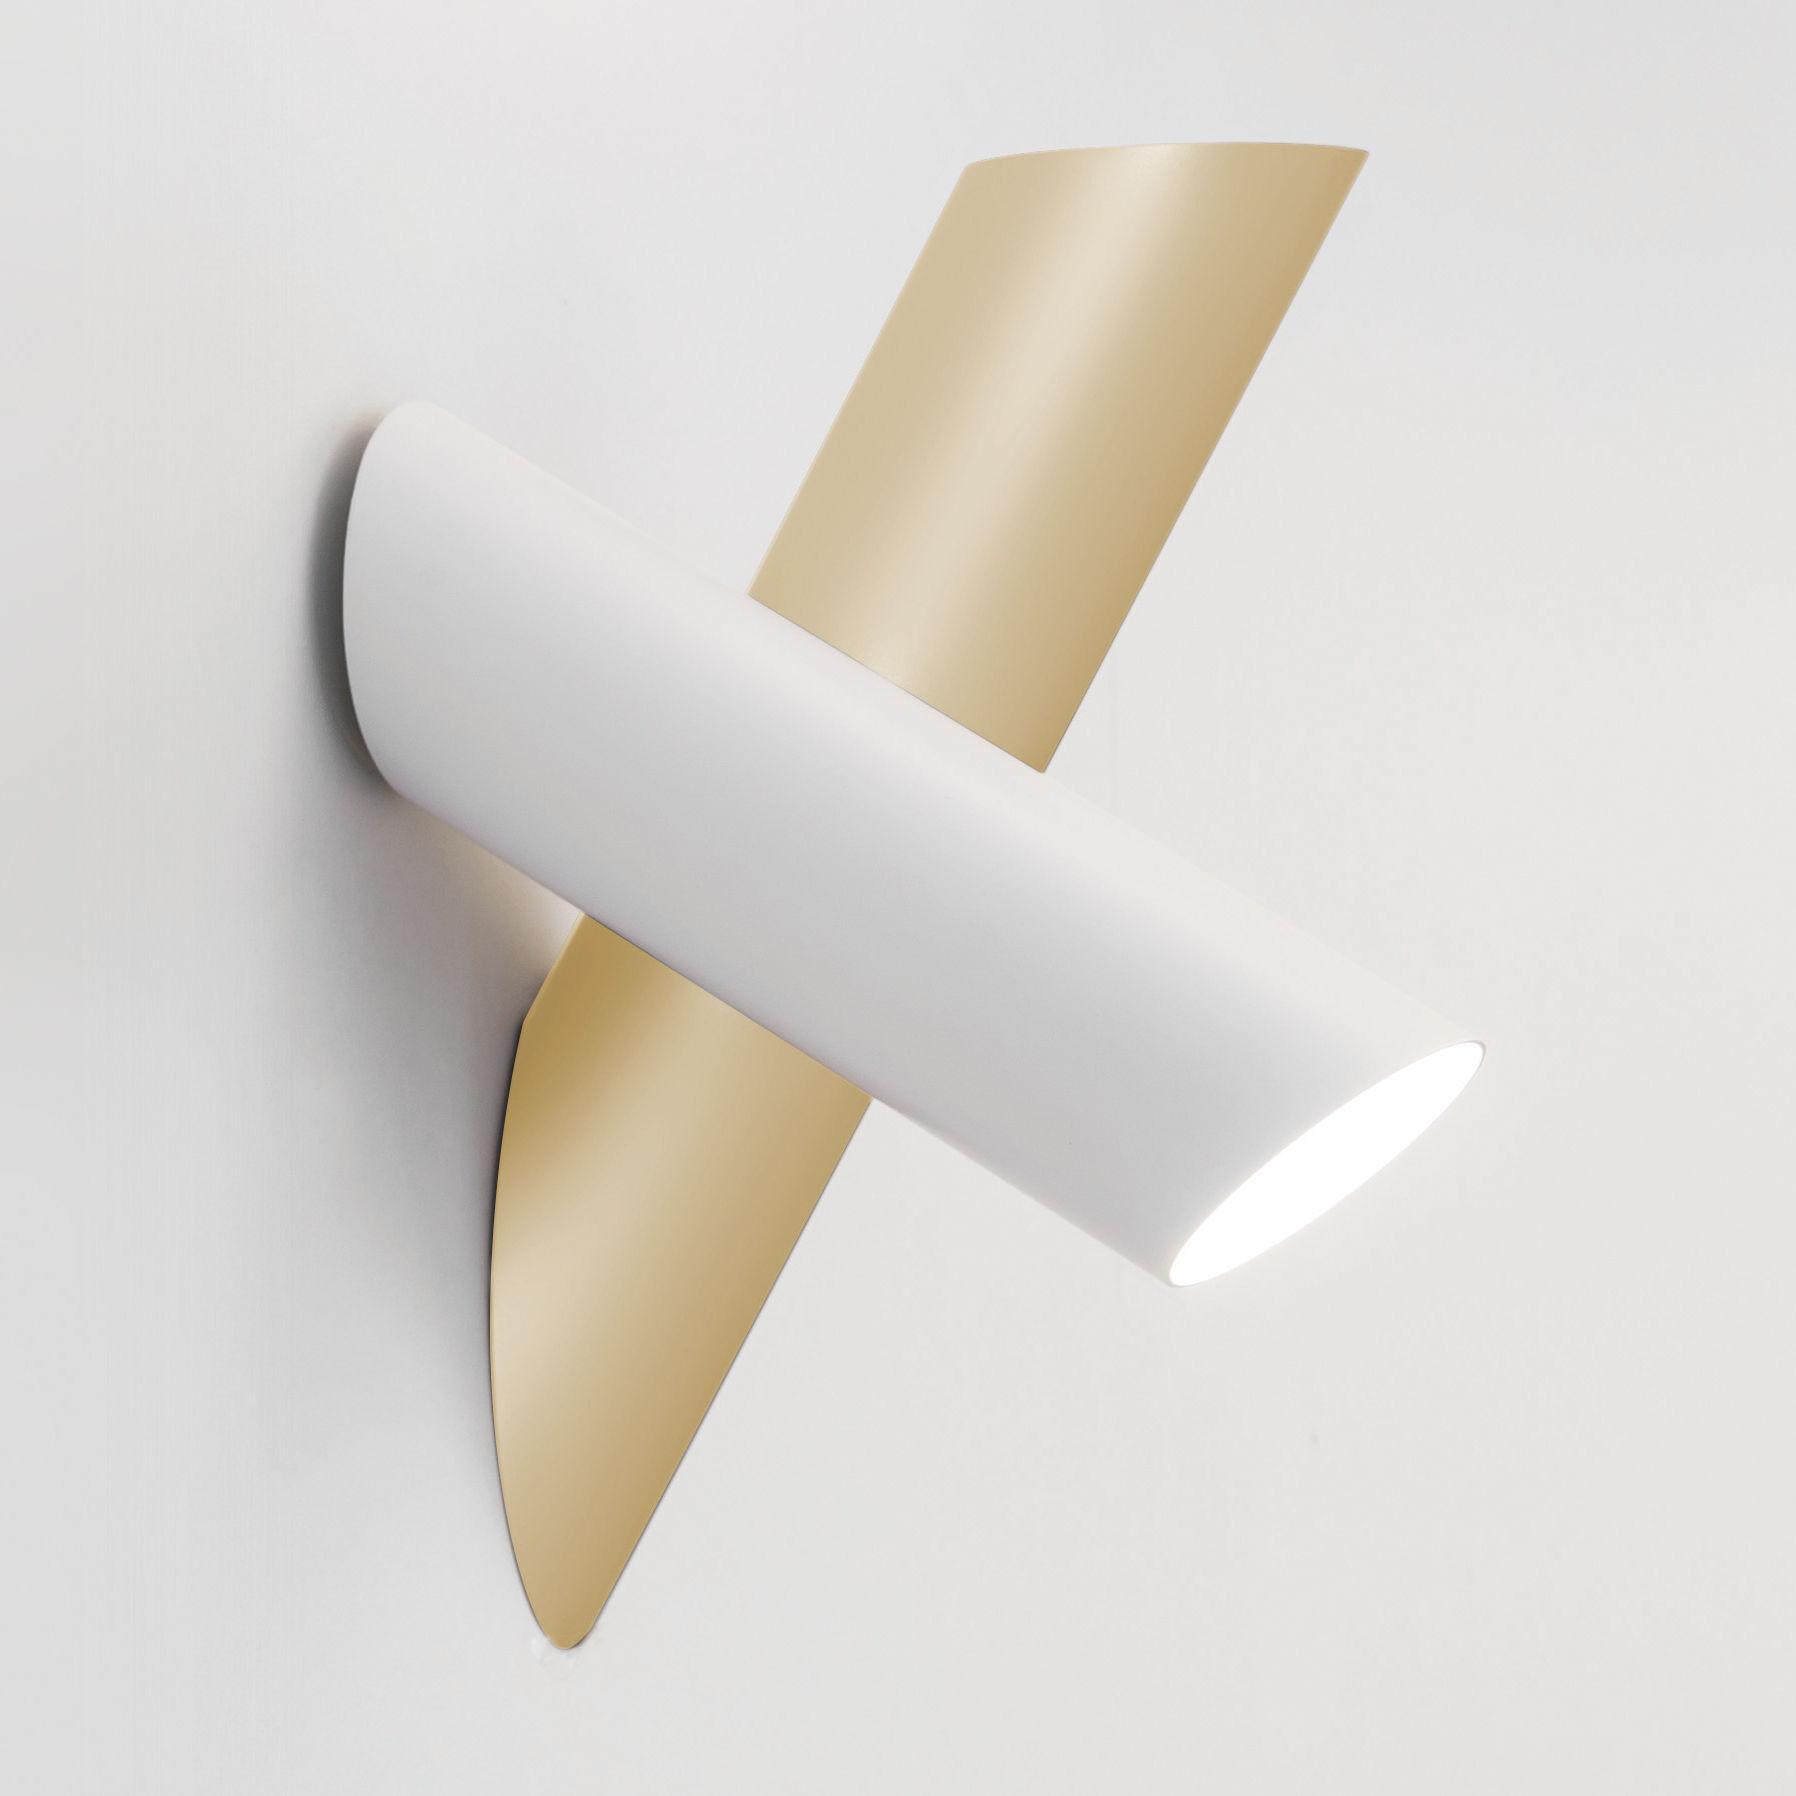 Illuminazione - Lampade da parete - Applique Tubes 2 - / LED - Orientabile di Nemo - Blanc & or - alluminio estruso, policarbonato